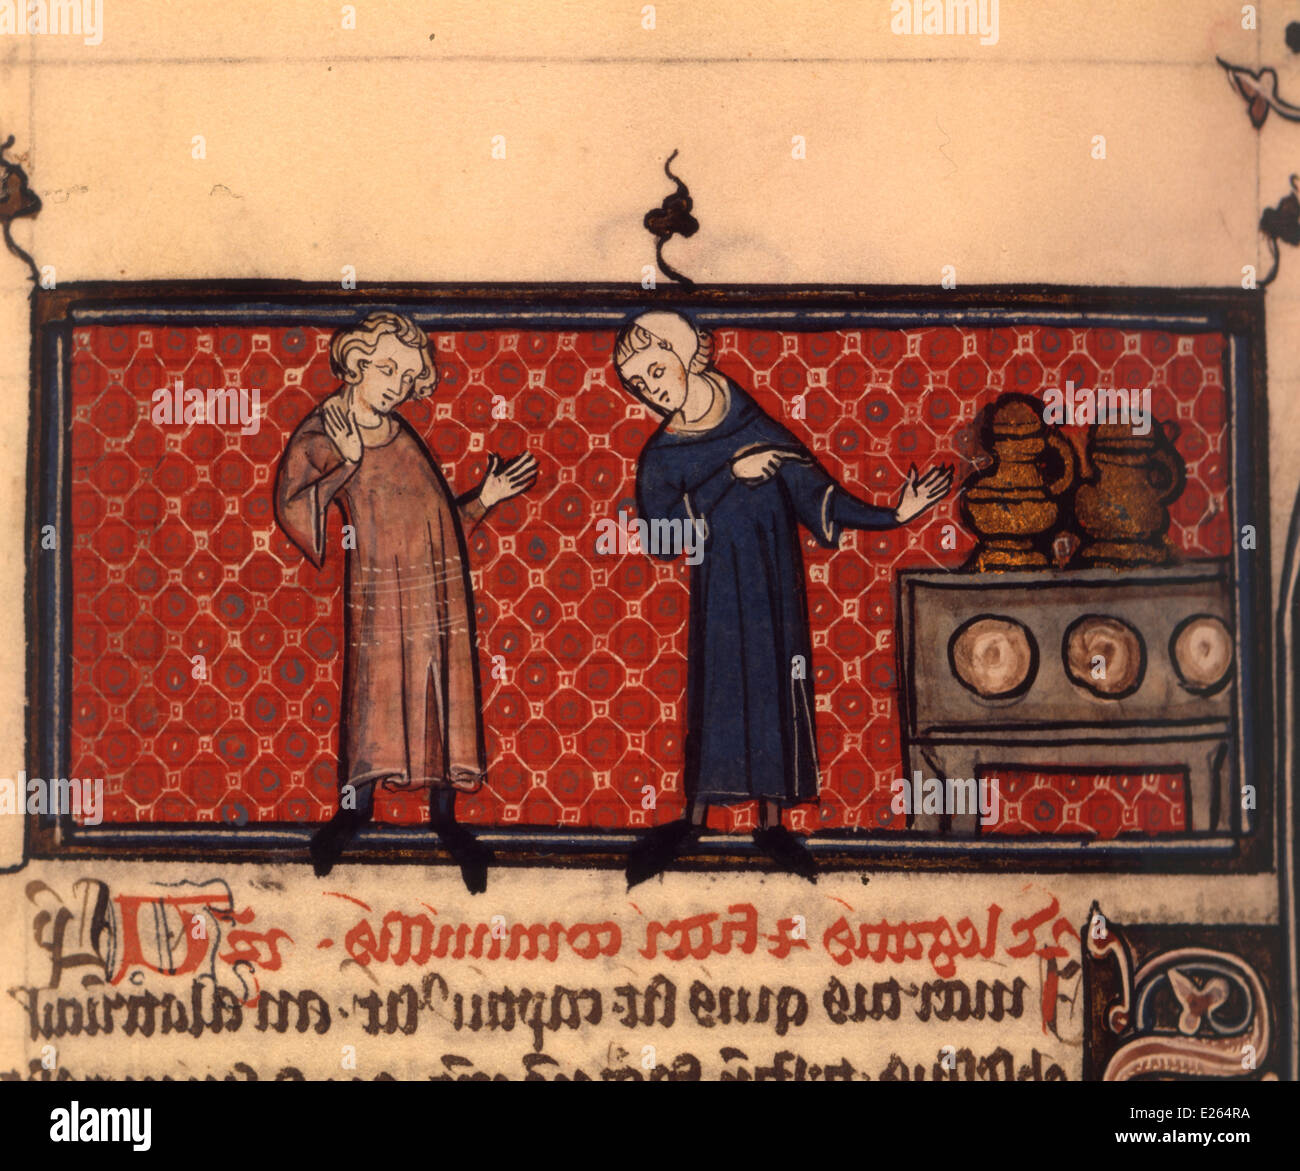 Medioevo,miniatura delle Pandette Justinianus,la Biblioteca Ambrosiana,MILANO Immagini Stock